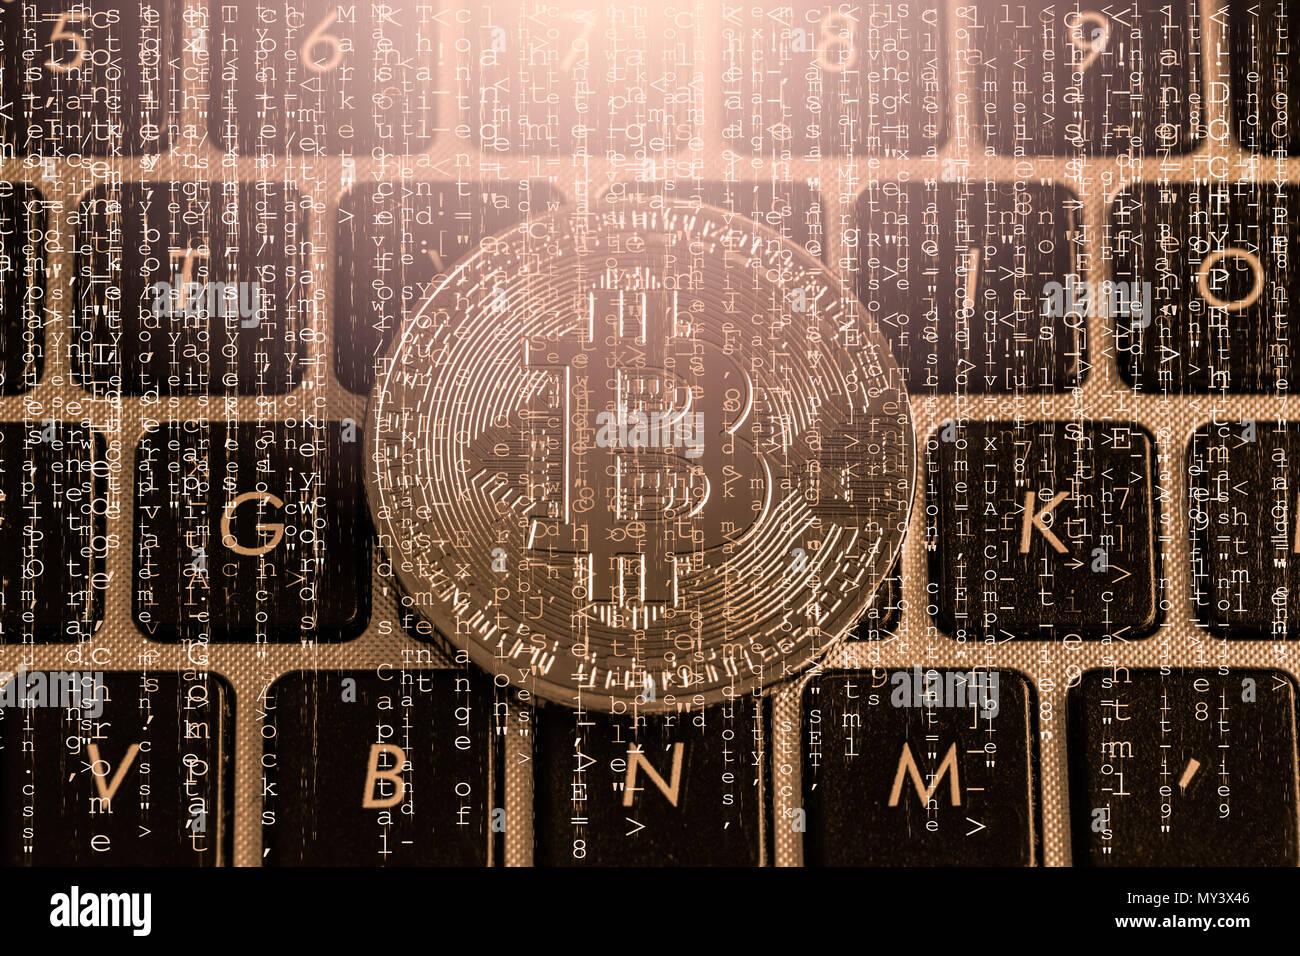 Façon moderne de l'échange et bitcoin est commode de paiement dans les marchés de l'économie mondiale. La monnaie numérique virtuel et de l'investissement financier concept commercial. Cr Banque D'Images